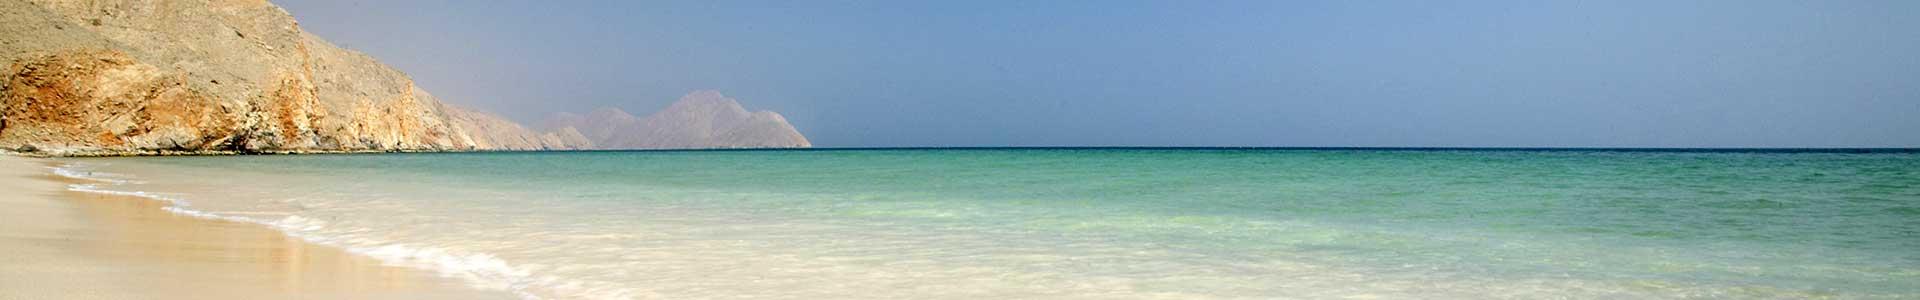 Voyage à Oman - TUI